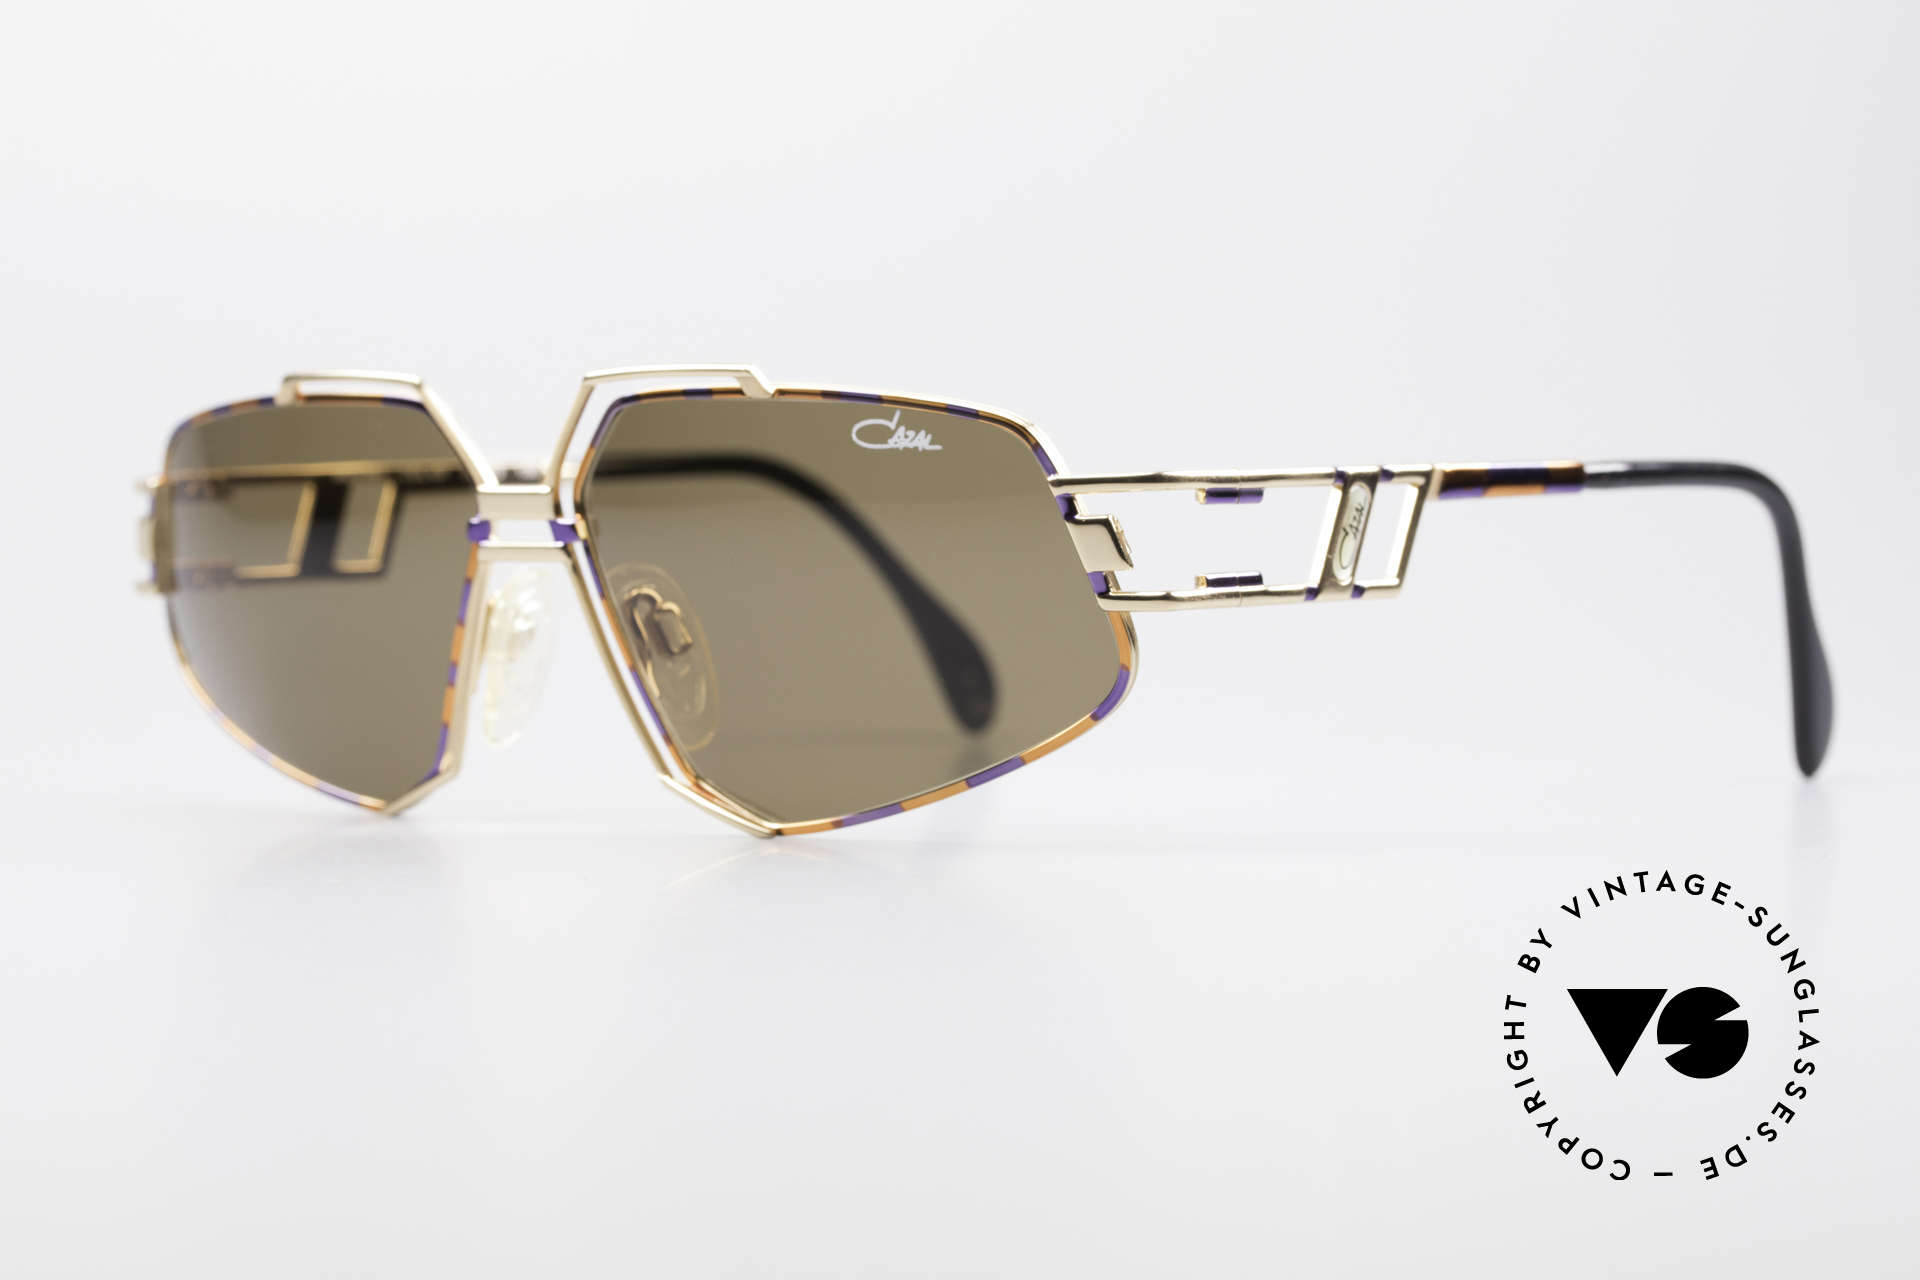 Cazal 961 Vintage Designer Sonnenbrille, markante Rahmenkonstruktion; made in GERMANY, Passend für Herren und Damen